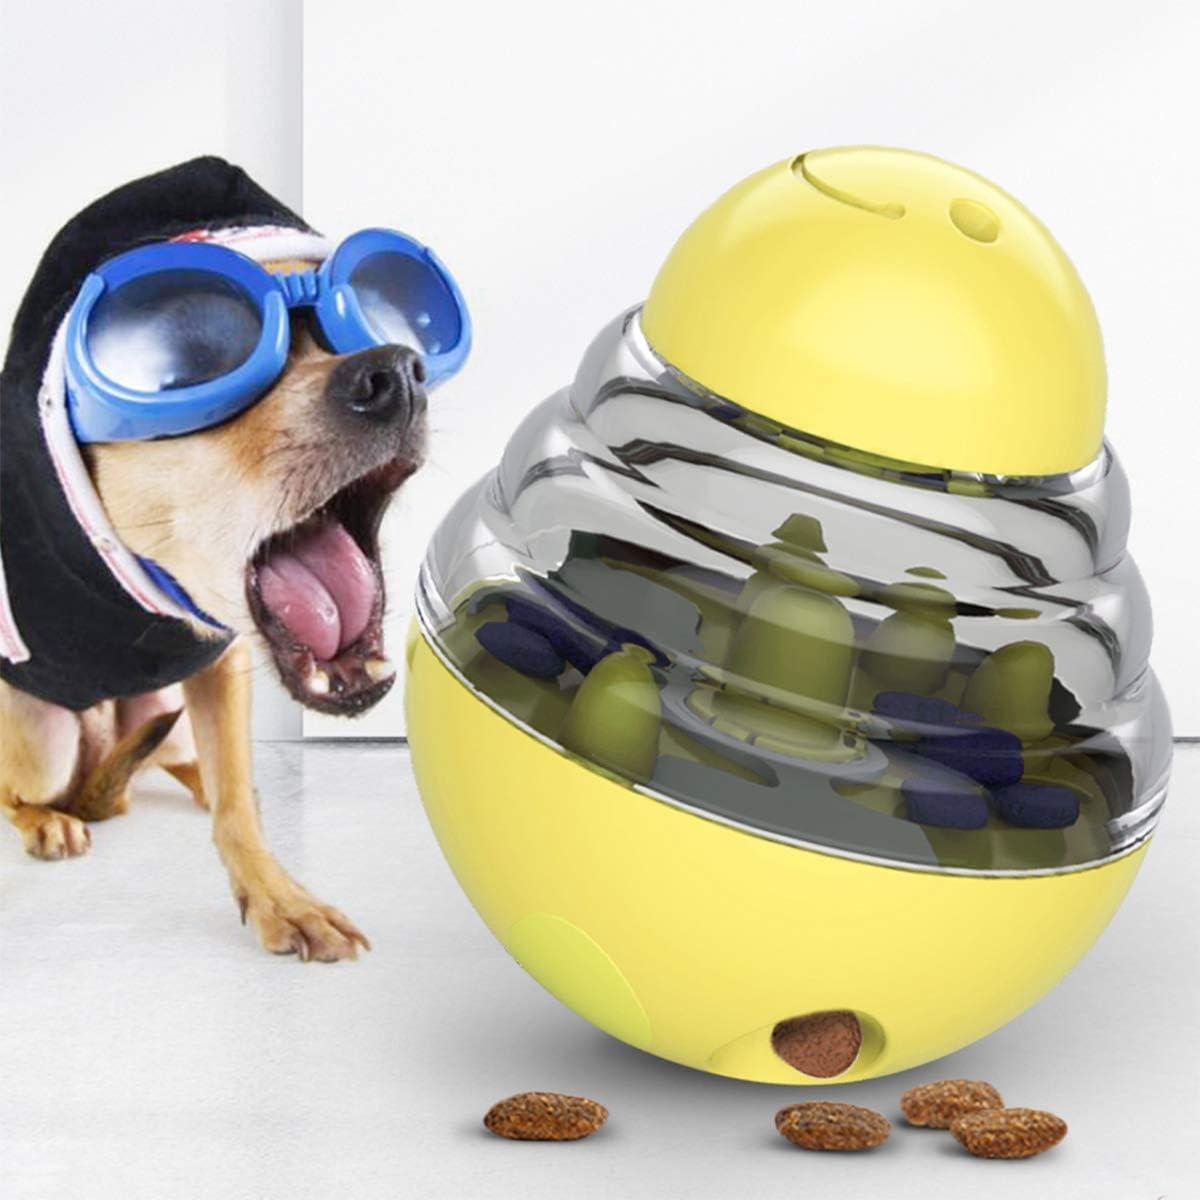 Dog Tumbler Treat Ball, Food Dispensing Toys, Self-Playing Pet Training Toy (Yellow)